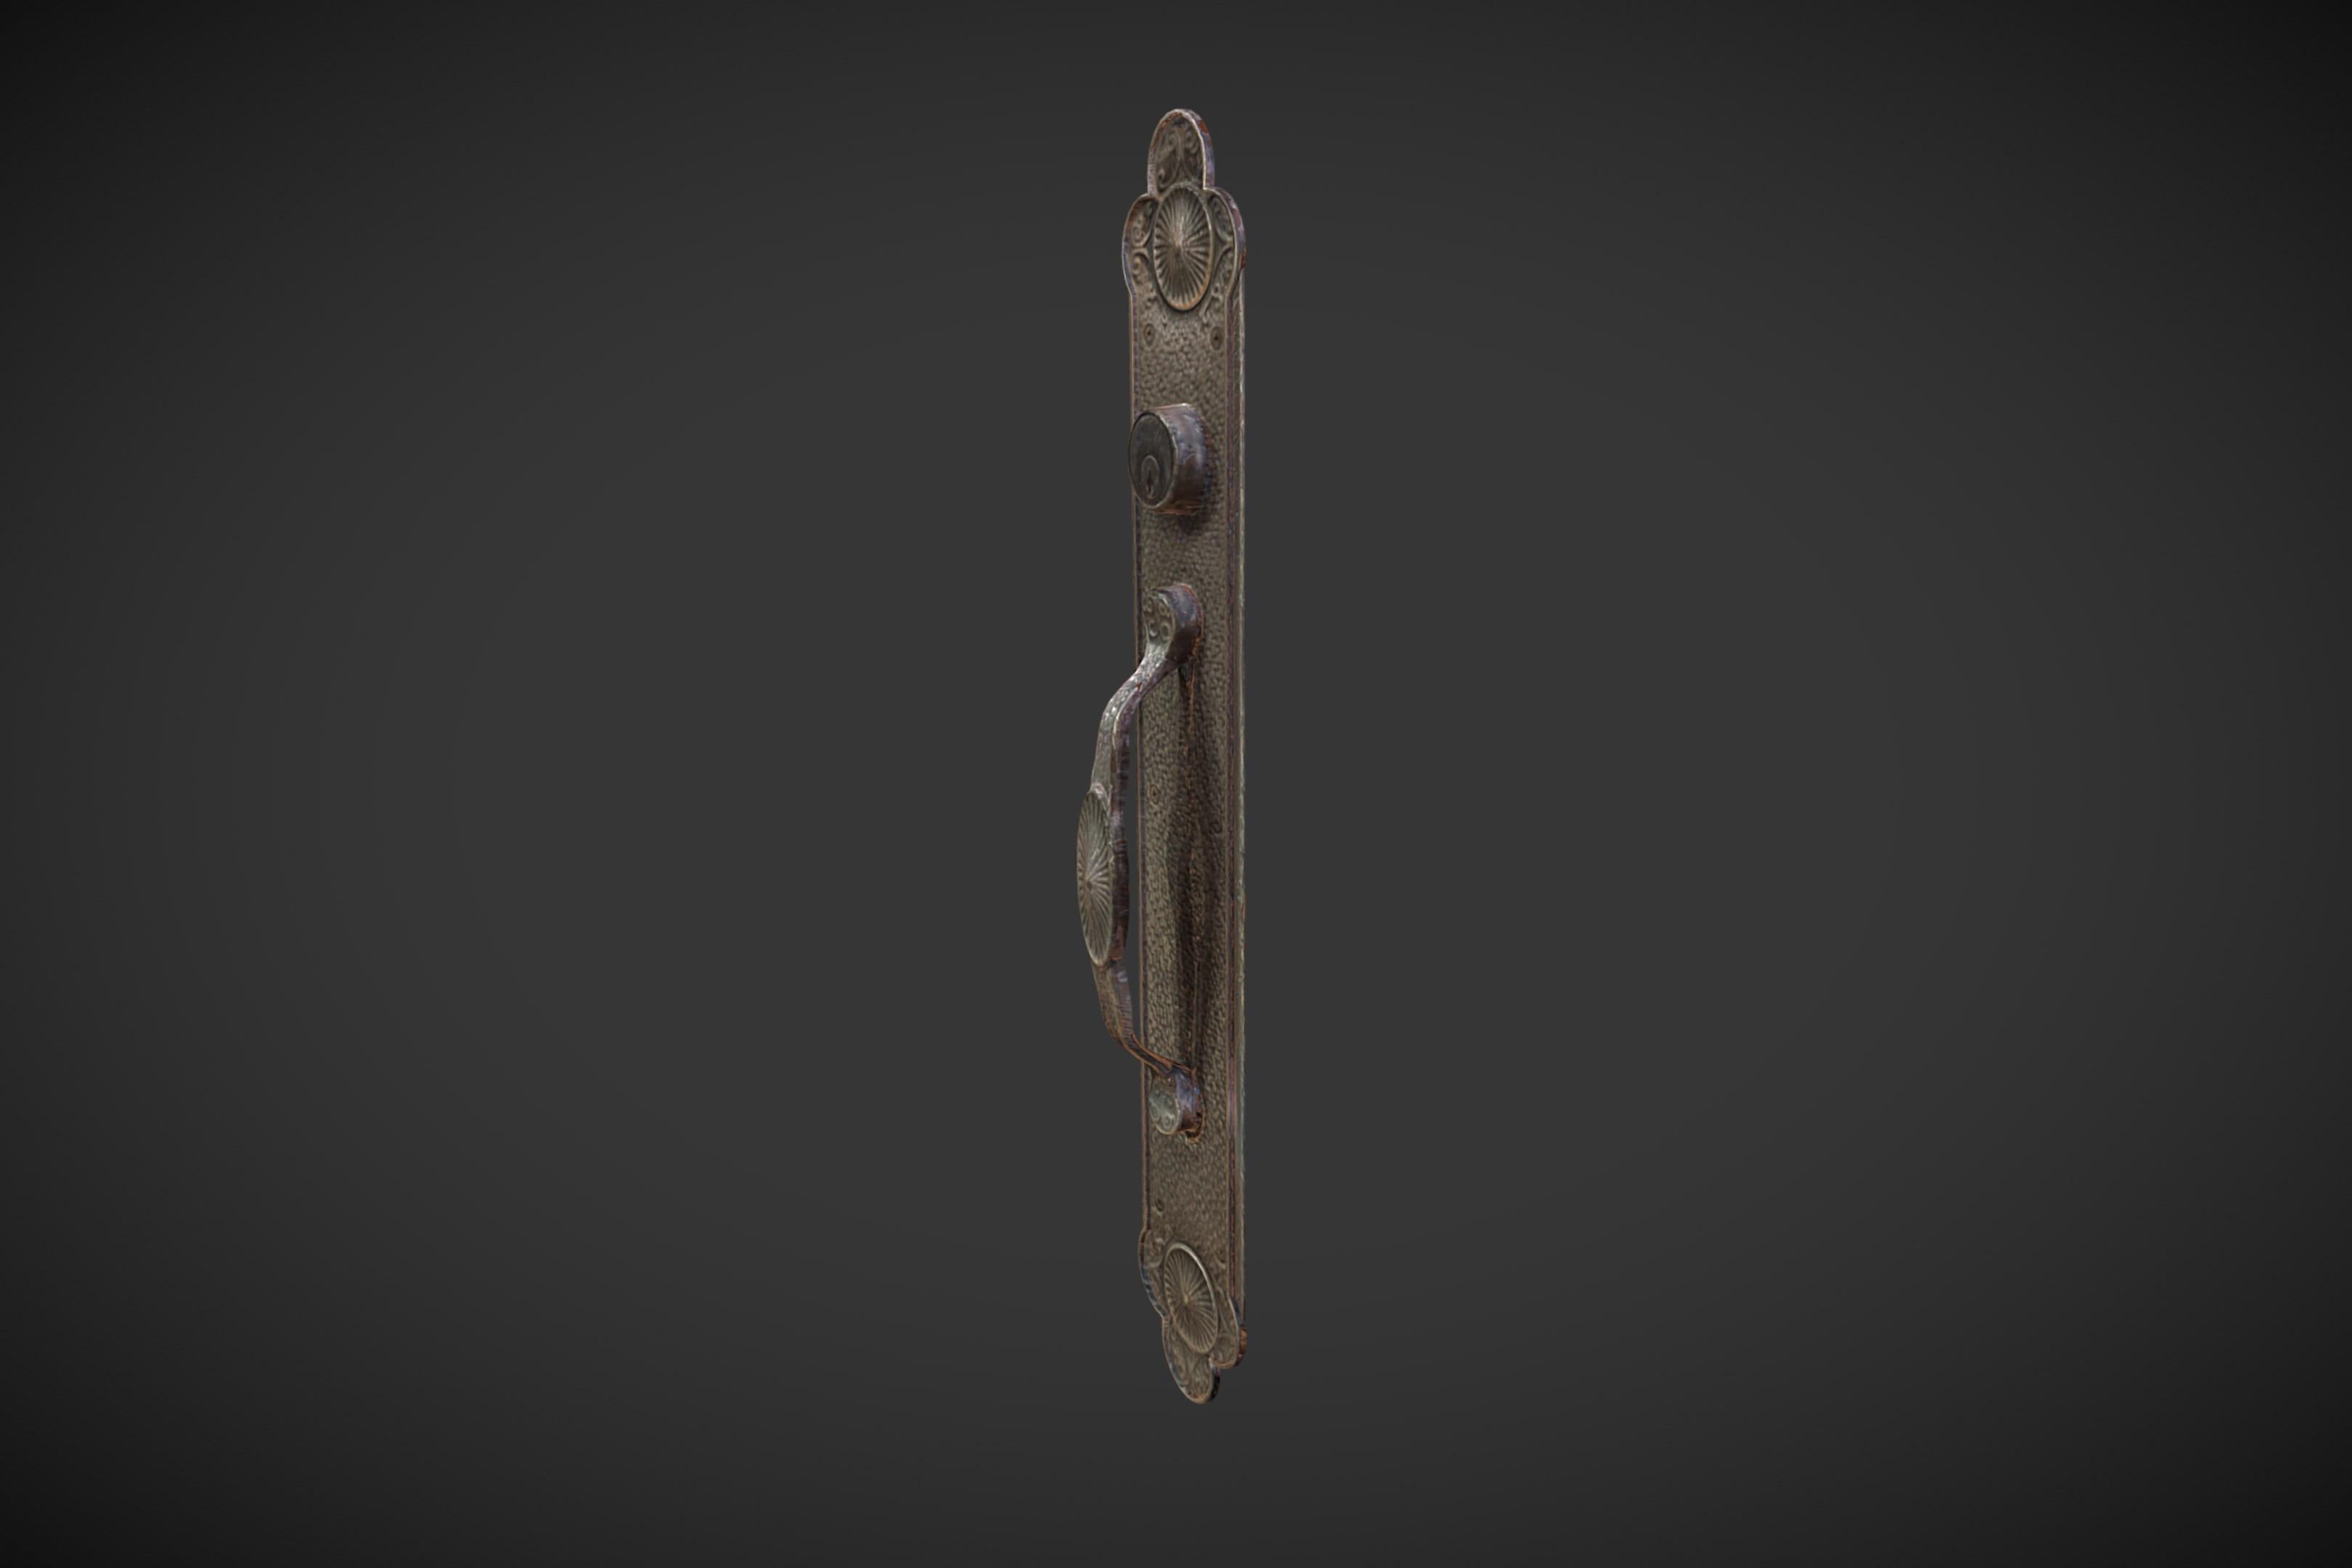 3D Scanned Door Handle